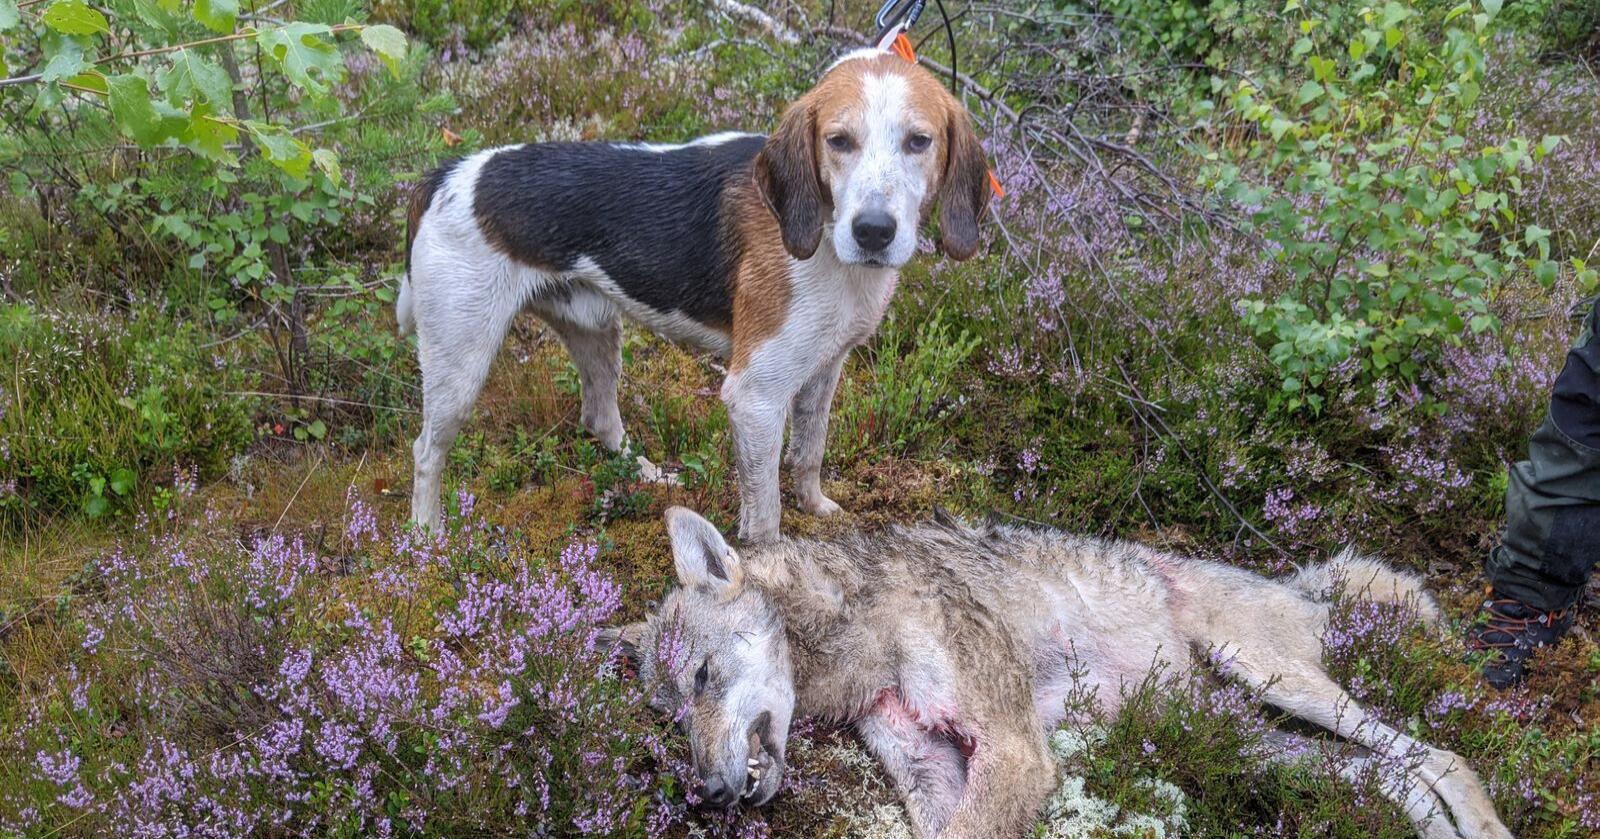 Hund under jakt: Denne ulven ble felt i sommer, og hunden på bildet deltok i jakta. Jegerne i Nord-Østerdal har svært gode erfaringer med «løs, på drevet halsende hund», men mener regelverket rundt bruken av dette virkemiddelet må forenkles. Foto: Skadefelingslaga i Nord Østerdal, RovNO